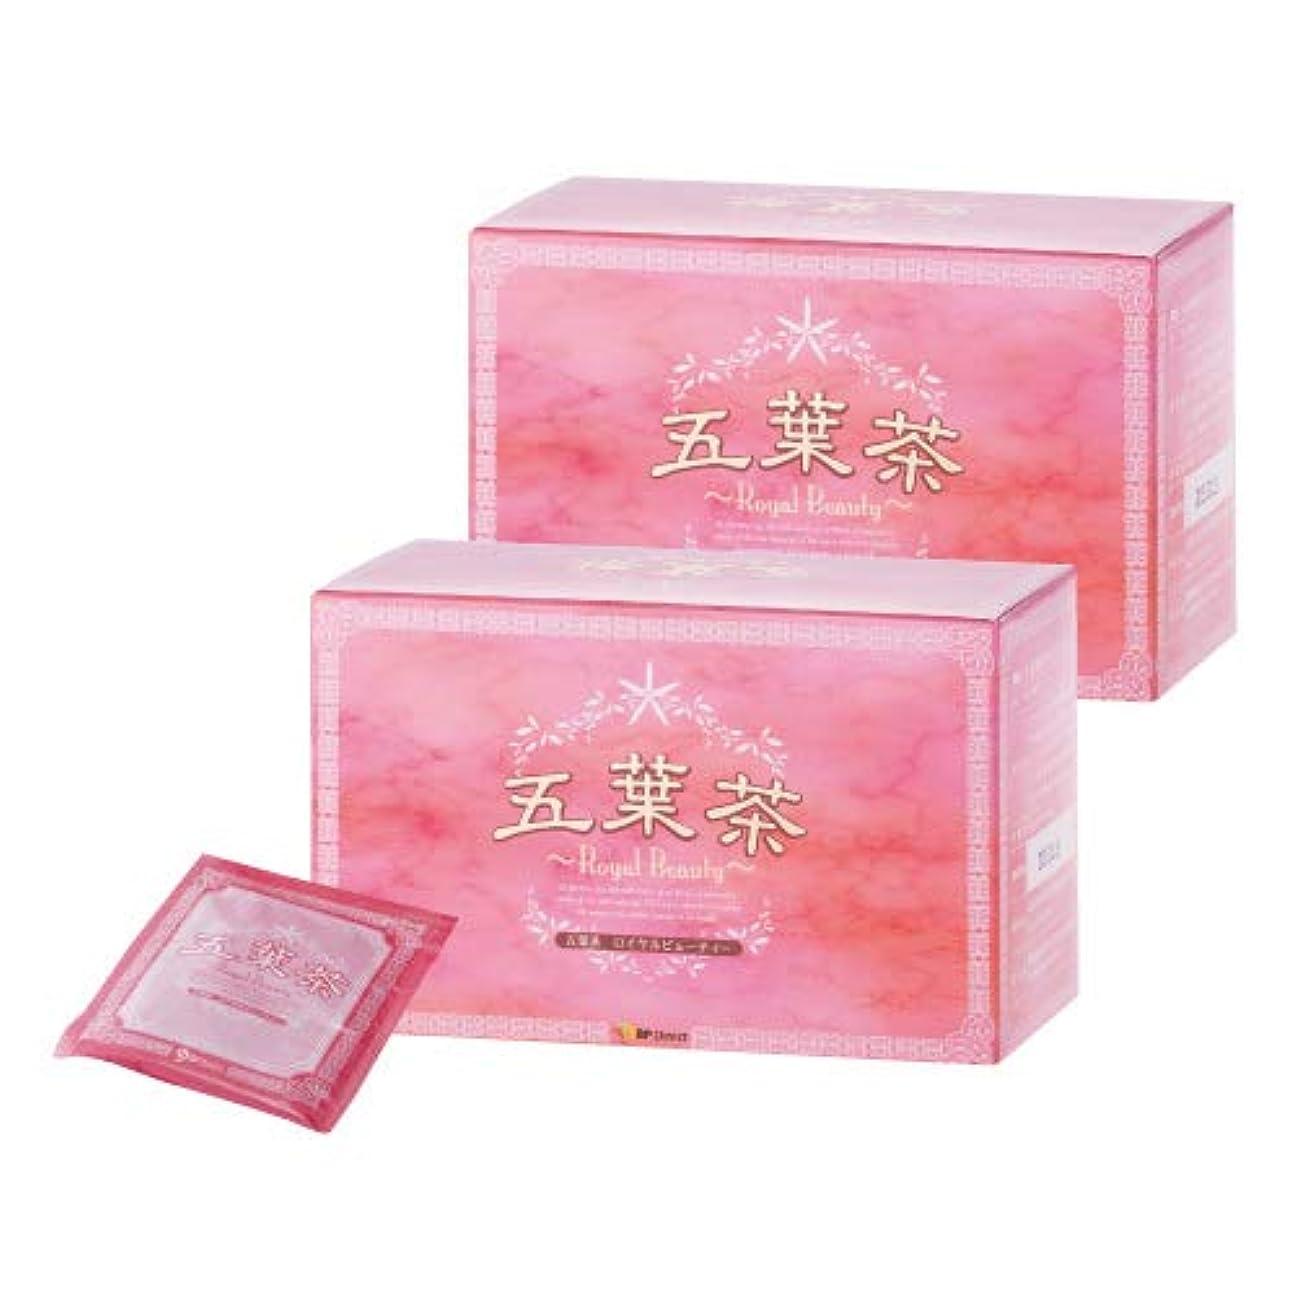 死炭水化物フレット五葉茶ロイヤルビューティー 30包 2箱セット ダイエット ダイエット茶 ダイエットティー 難消化性デキストリン